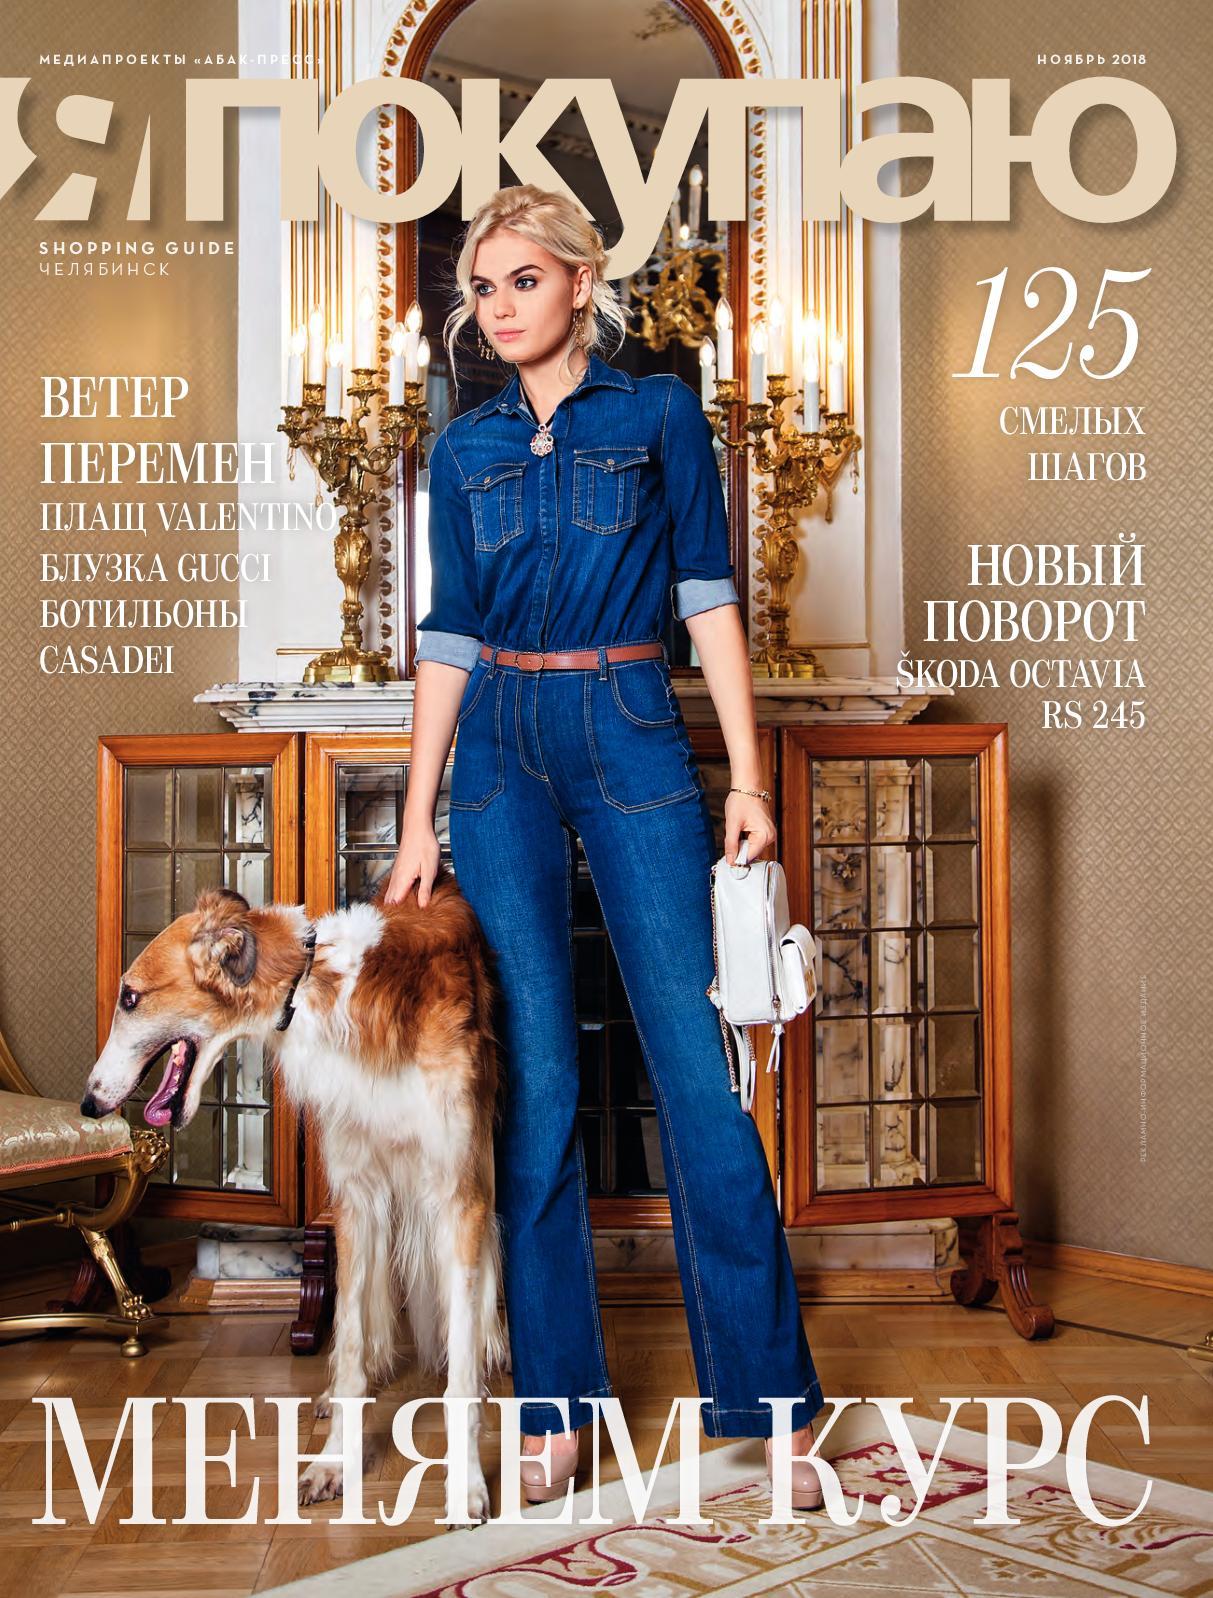 Calaméo - Shopping Guide «Я Покупаю. Челябинск», ноябрь 2018 726e9c79a6e